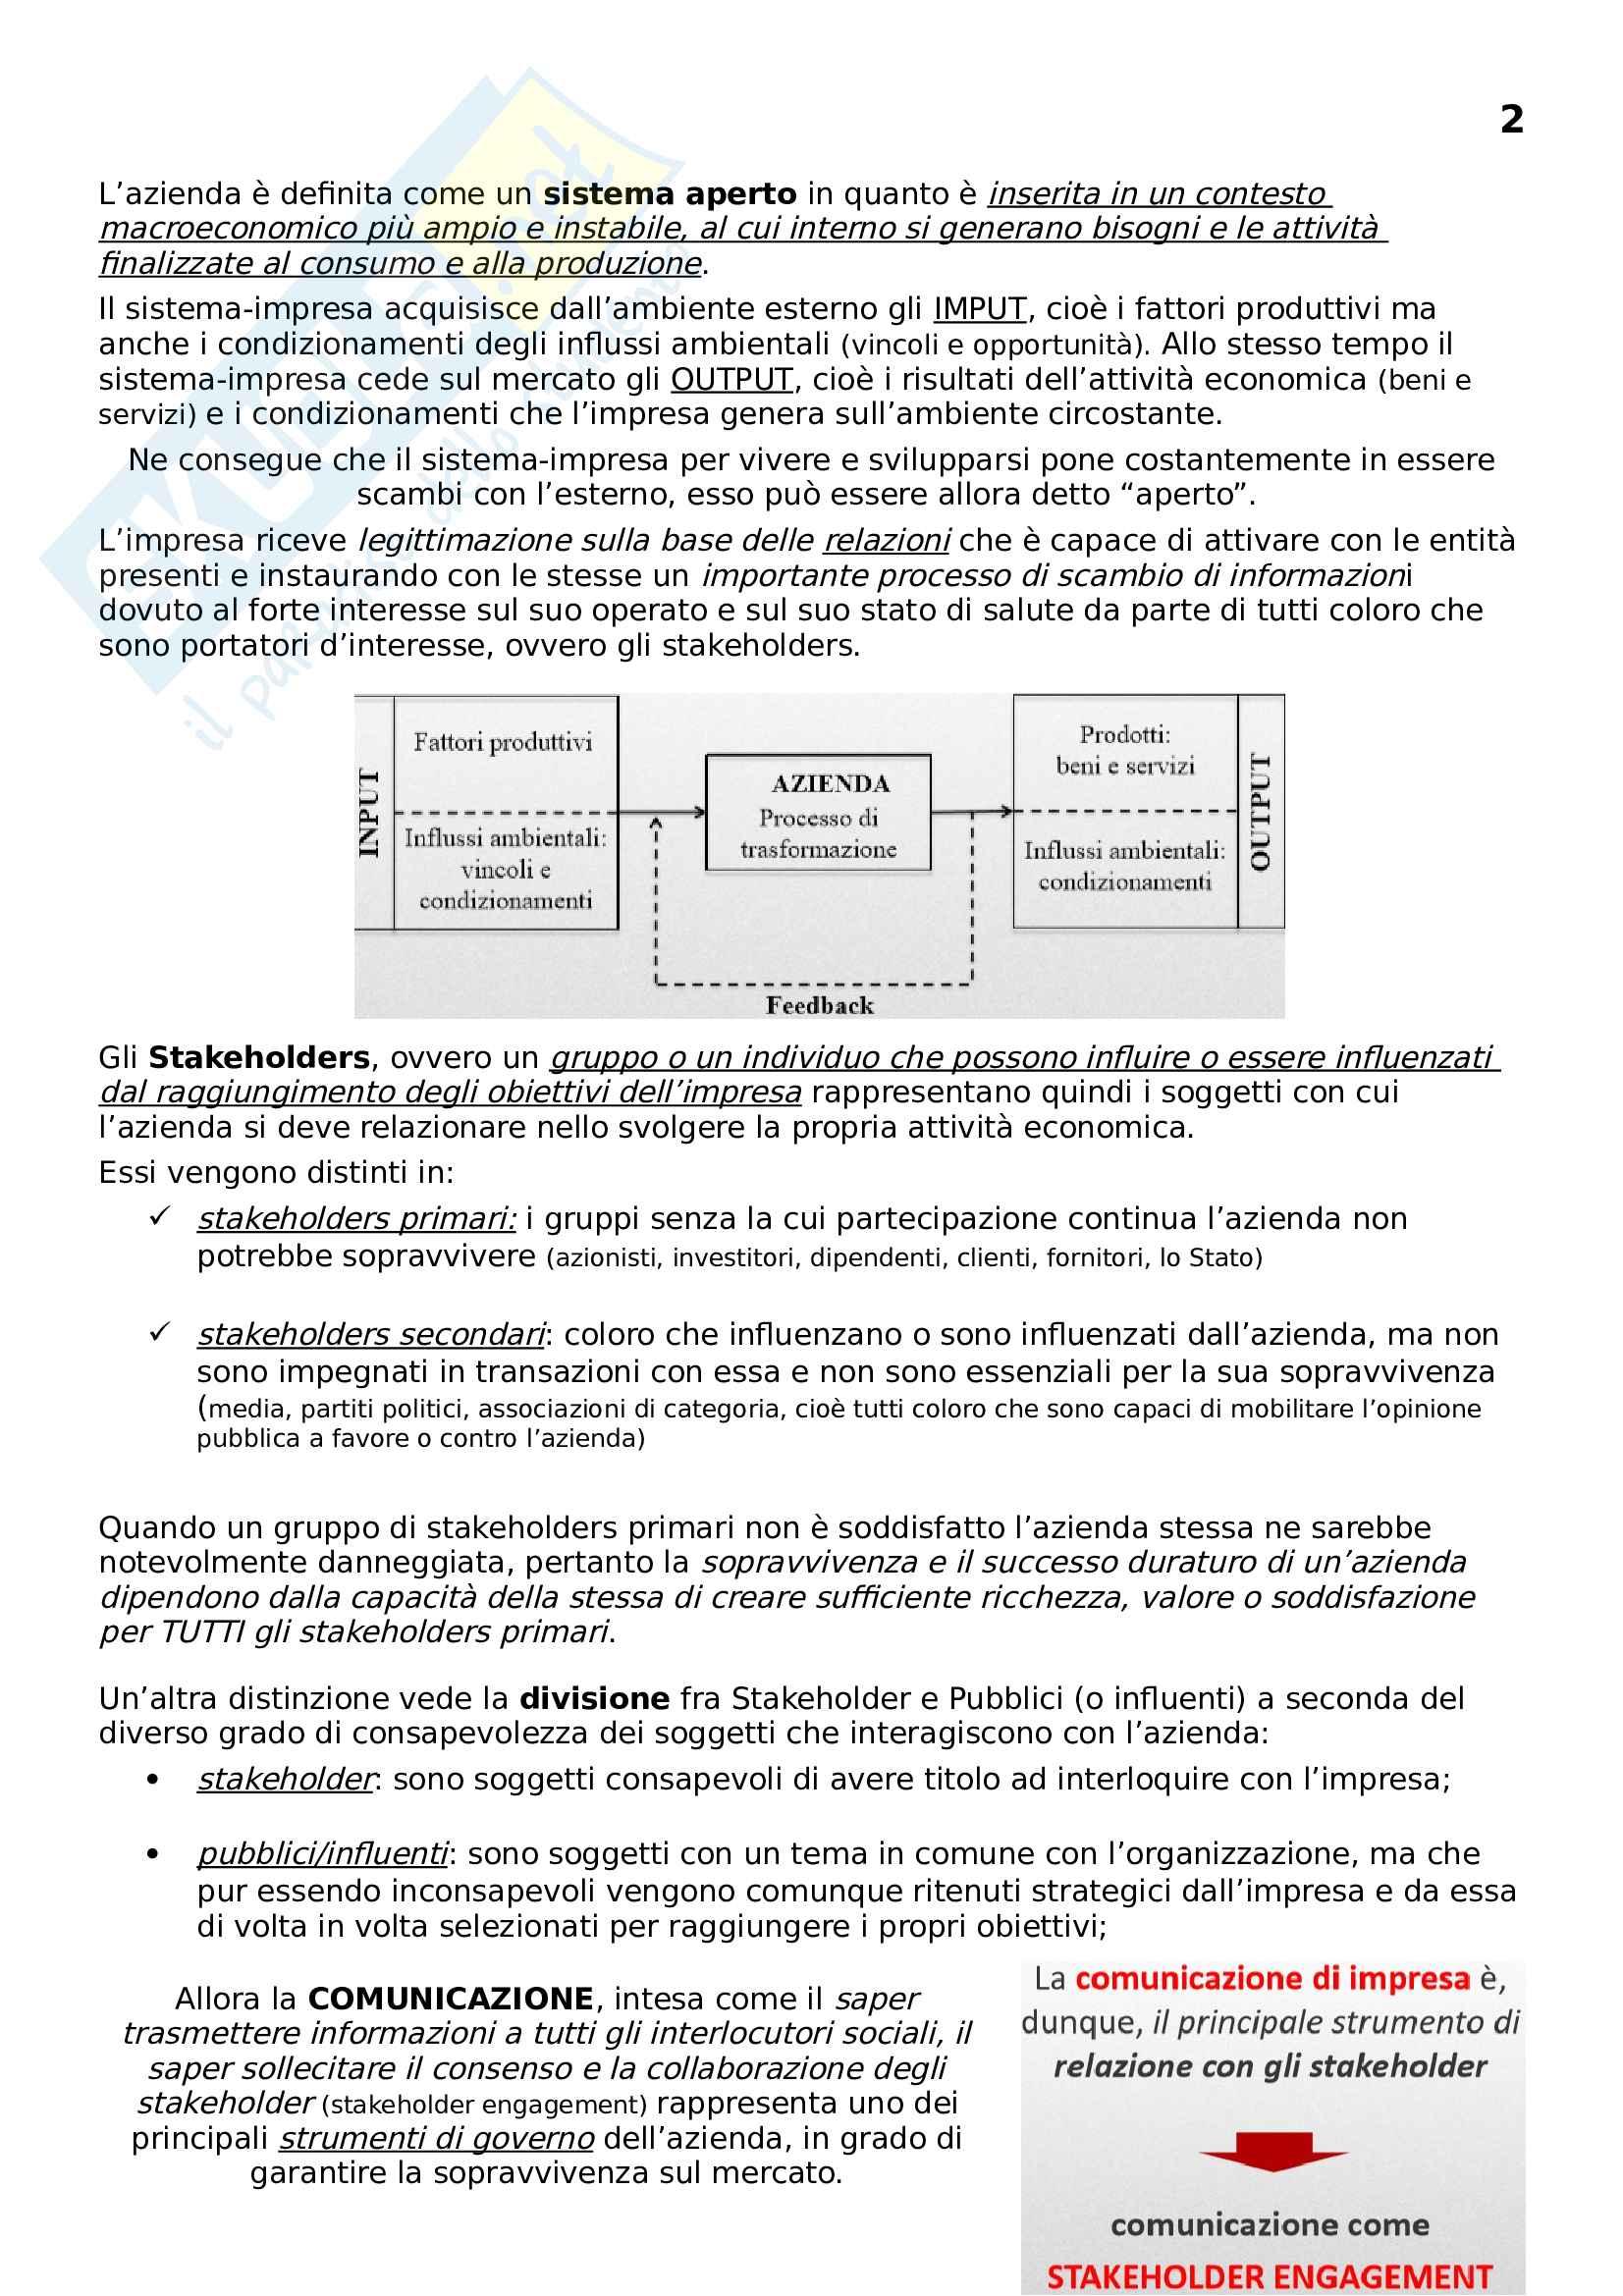 Comunicazione Finanziaria delle banche ed Assicurazioni Pag. 2